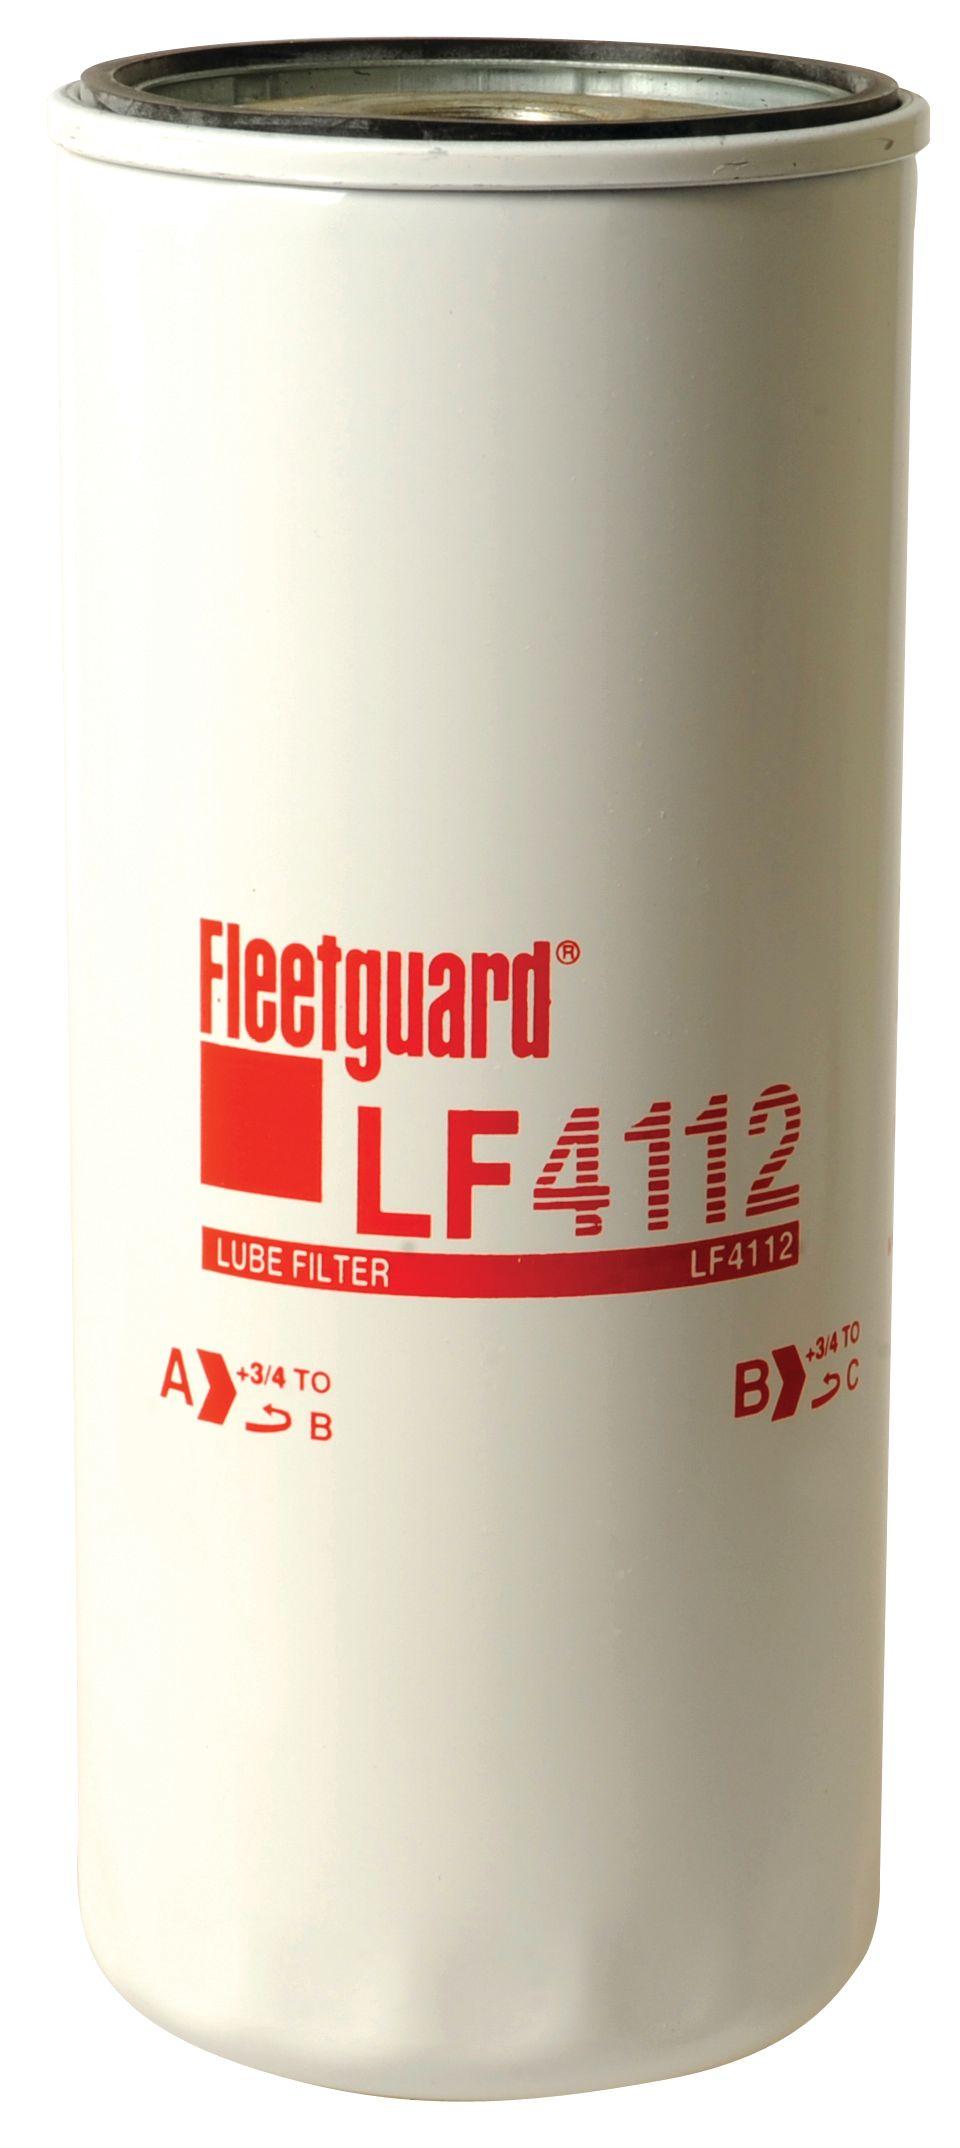 DEUTZ-FAHR OIL FILTER LF4112